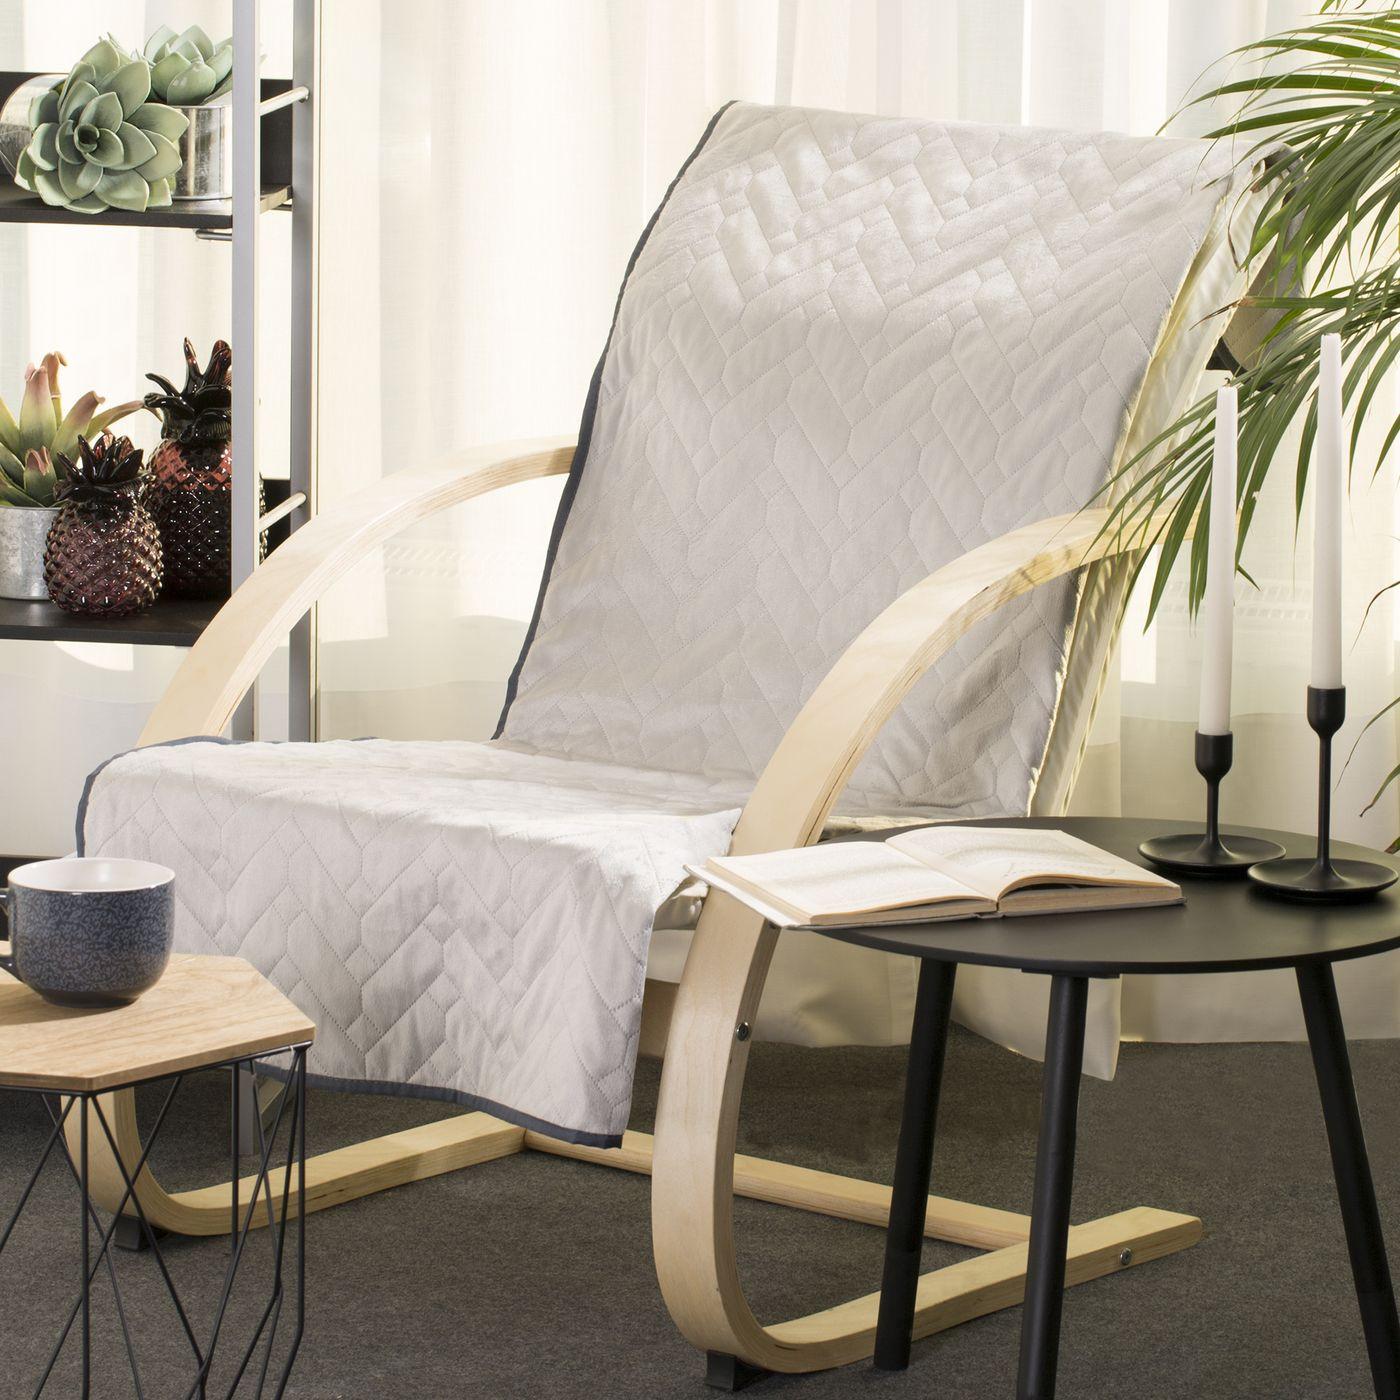 Narzuta welurowa dwustronna na fotel termozgrzewana stalowy+srebrny 70x160 cm